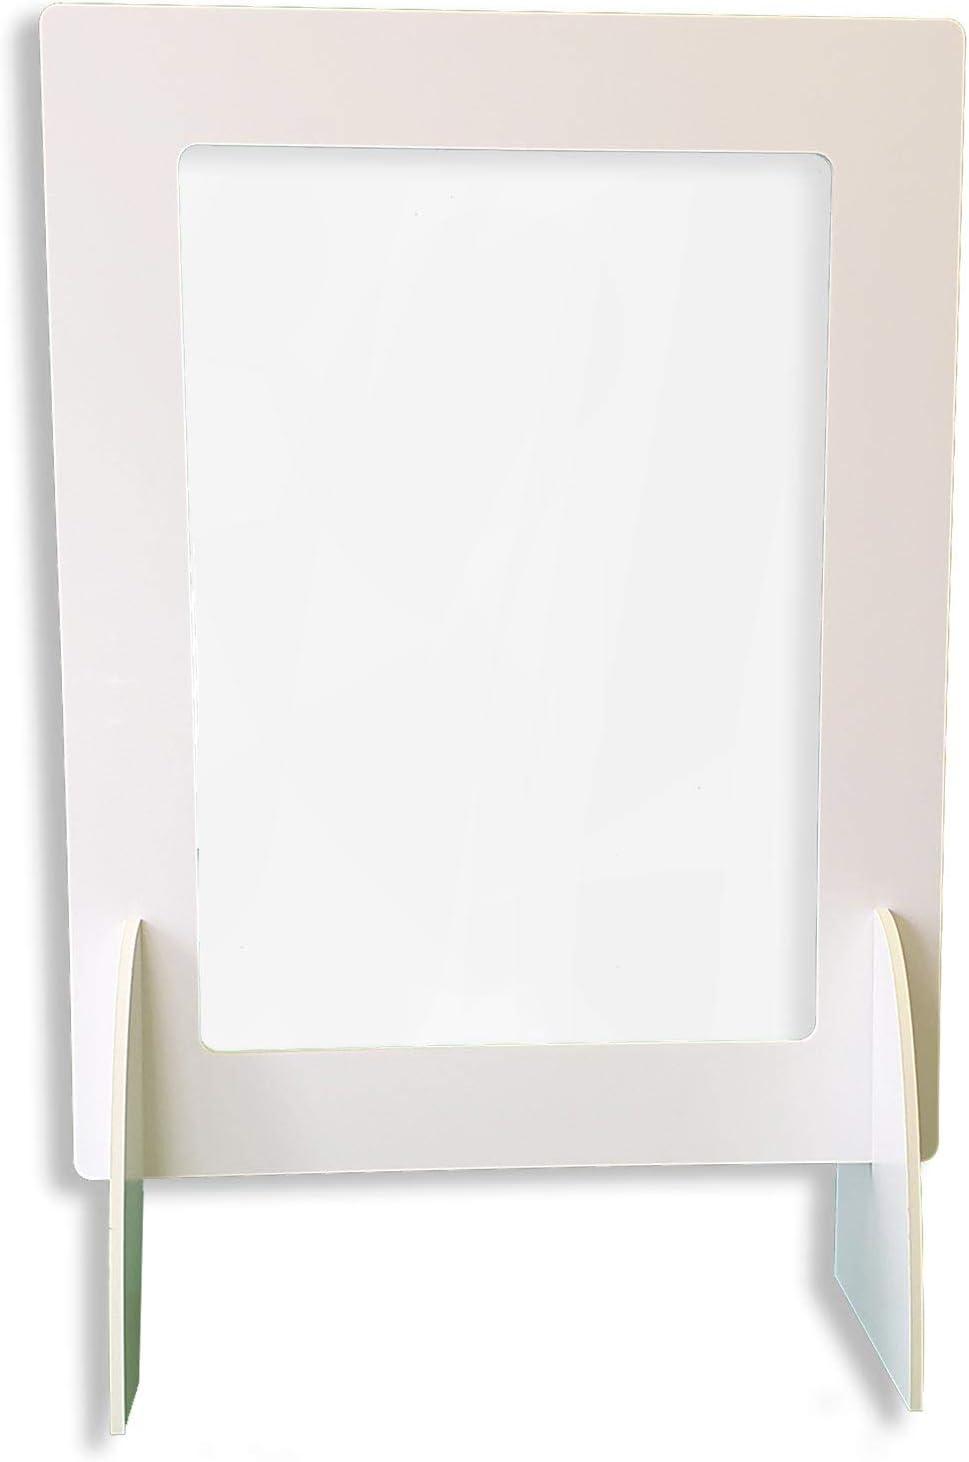 Gasolineras y Comercios Mampara para Mostradores de Tiendas Separador Transparente para Supermercados Fabricado en Foam 10mm y Glasspack Pantalla Protecci/ón Mostrador 70x90cm Farmacias